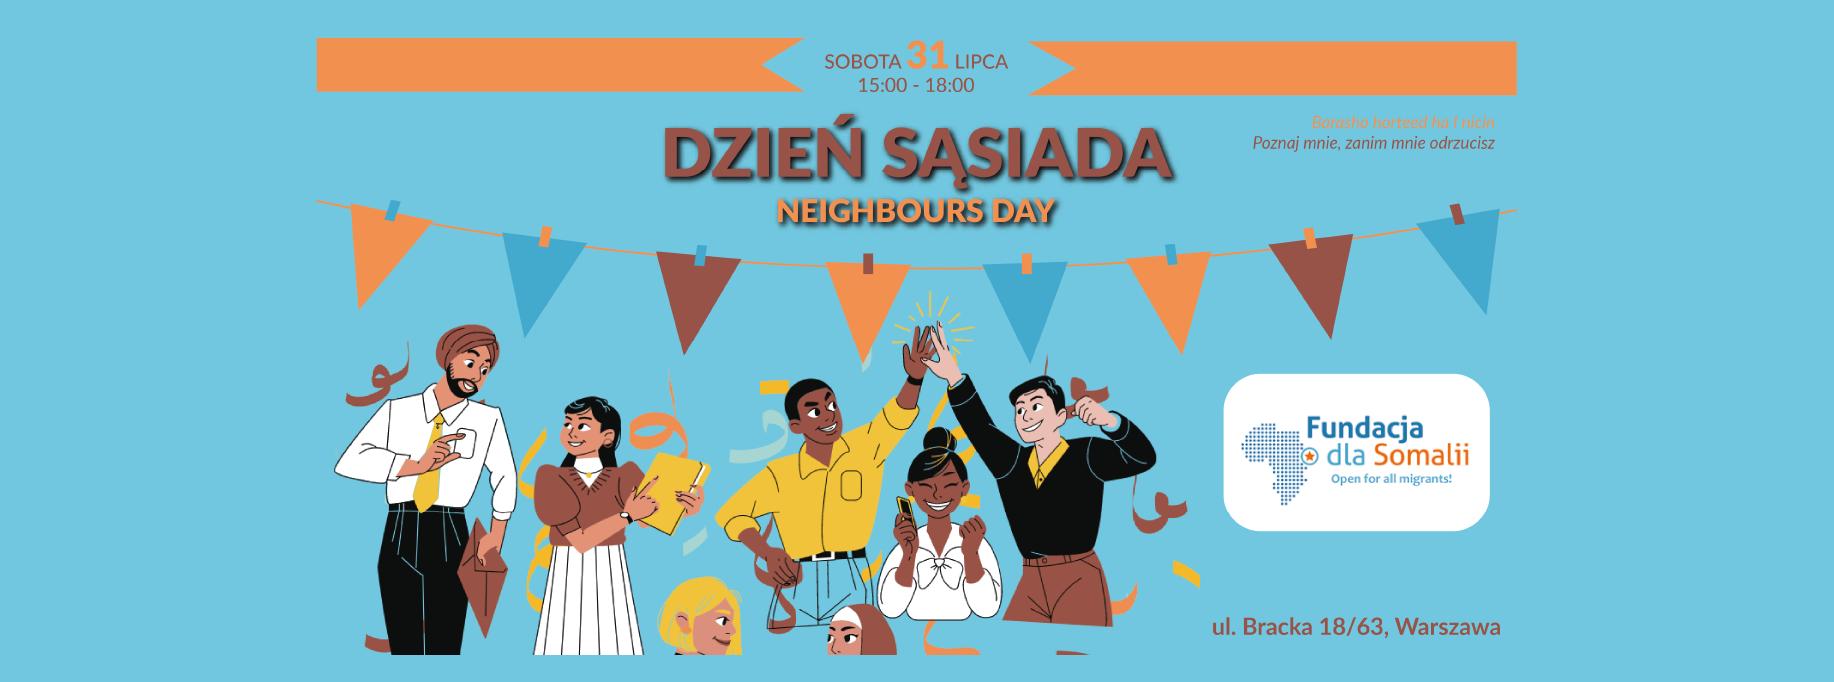 Dzień Sąsiada to niezwykła sobota lipca, nie tylko ostatni dzień miesiąca, ale też czas, w którym możemy spotkać się, porozmawiać, poznać niezwykłą kulturę i spróbować jej‼